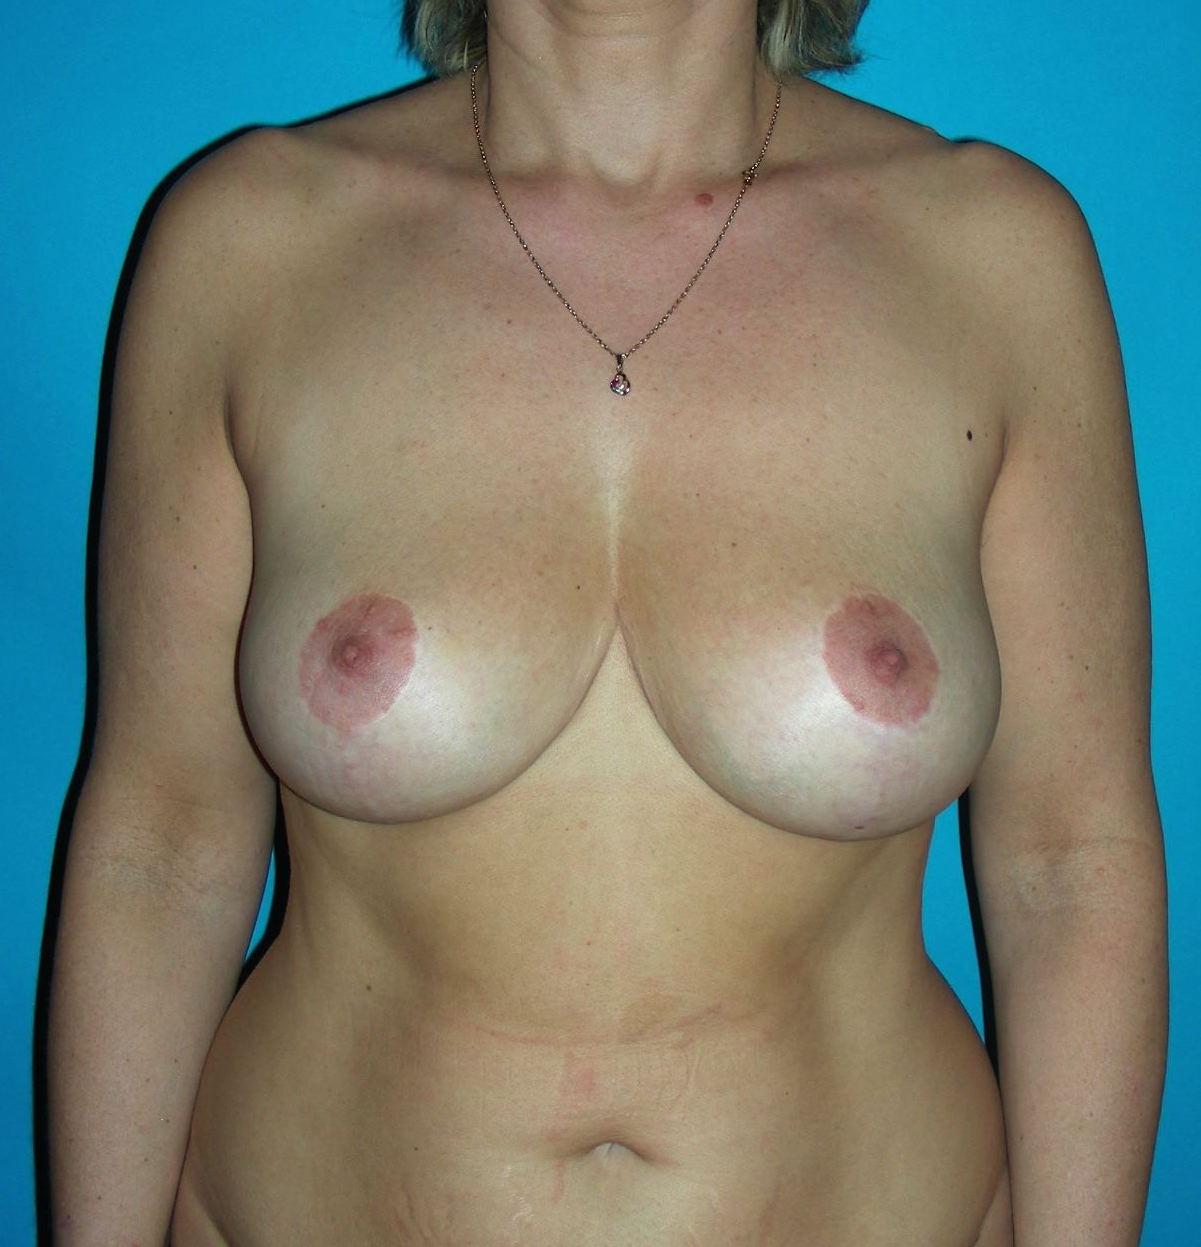 2 ans après réduction mammaire